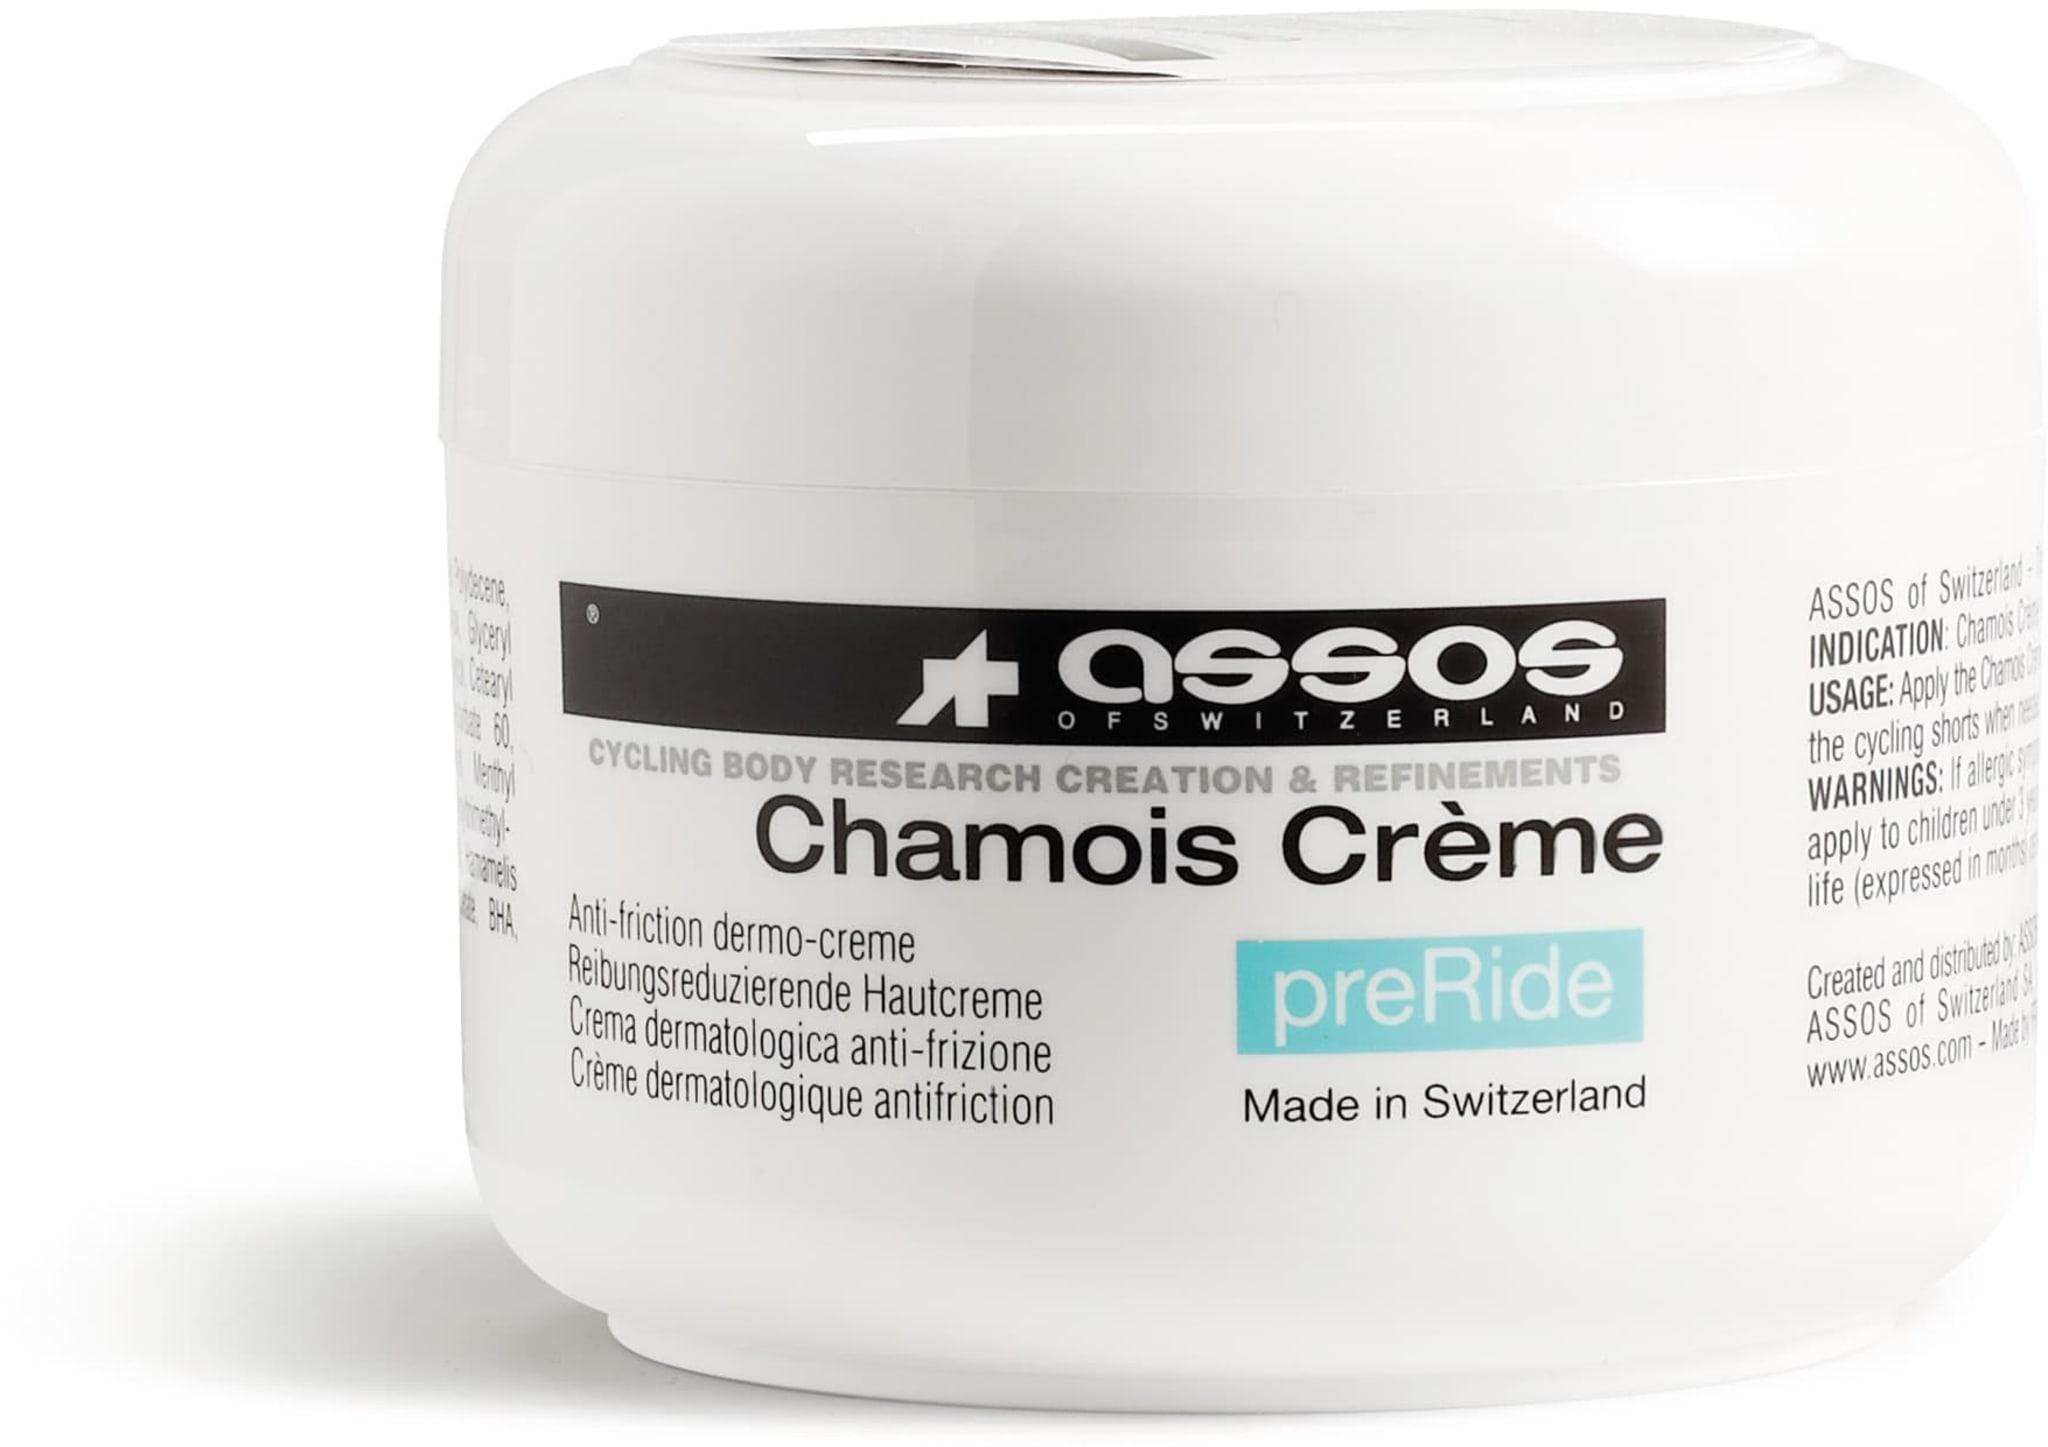 Chamois krem mot sårhet og infeksjon!